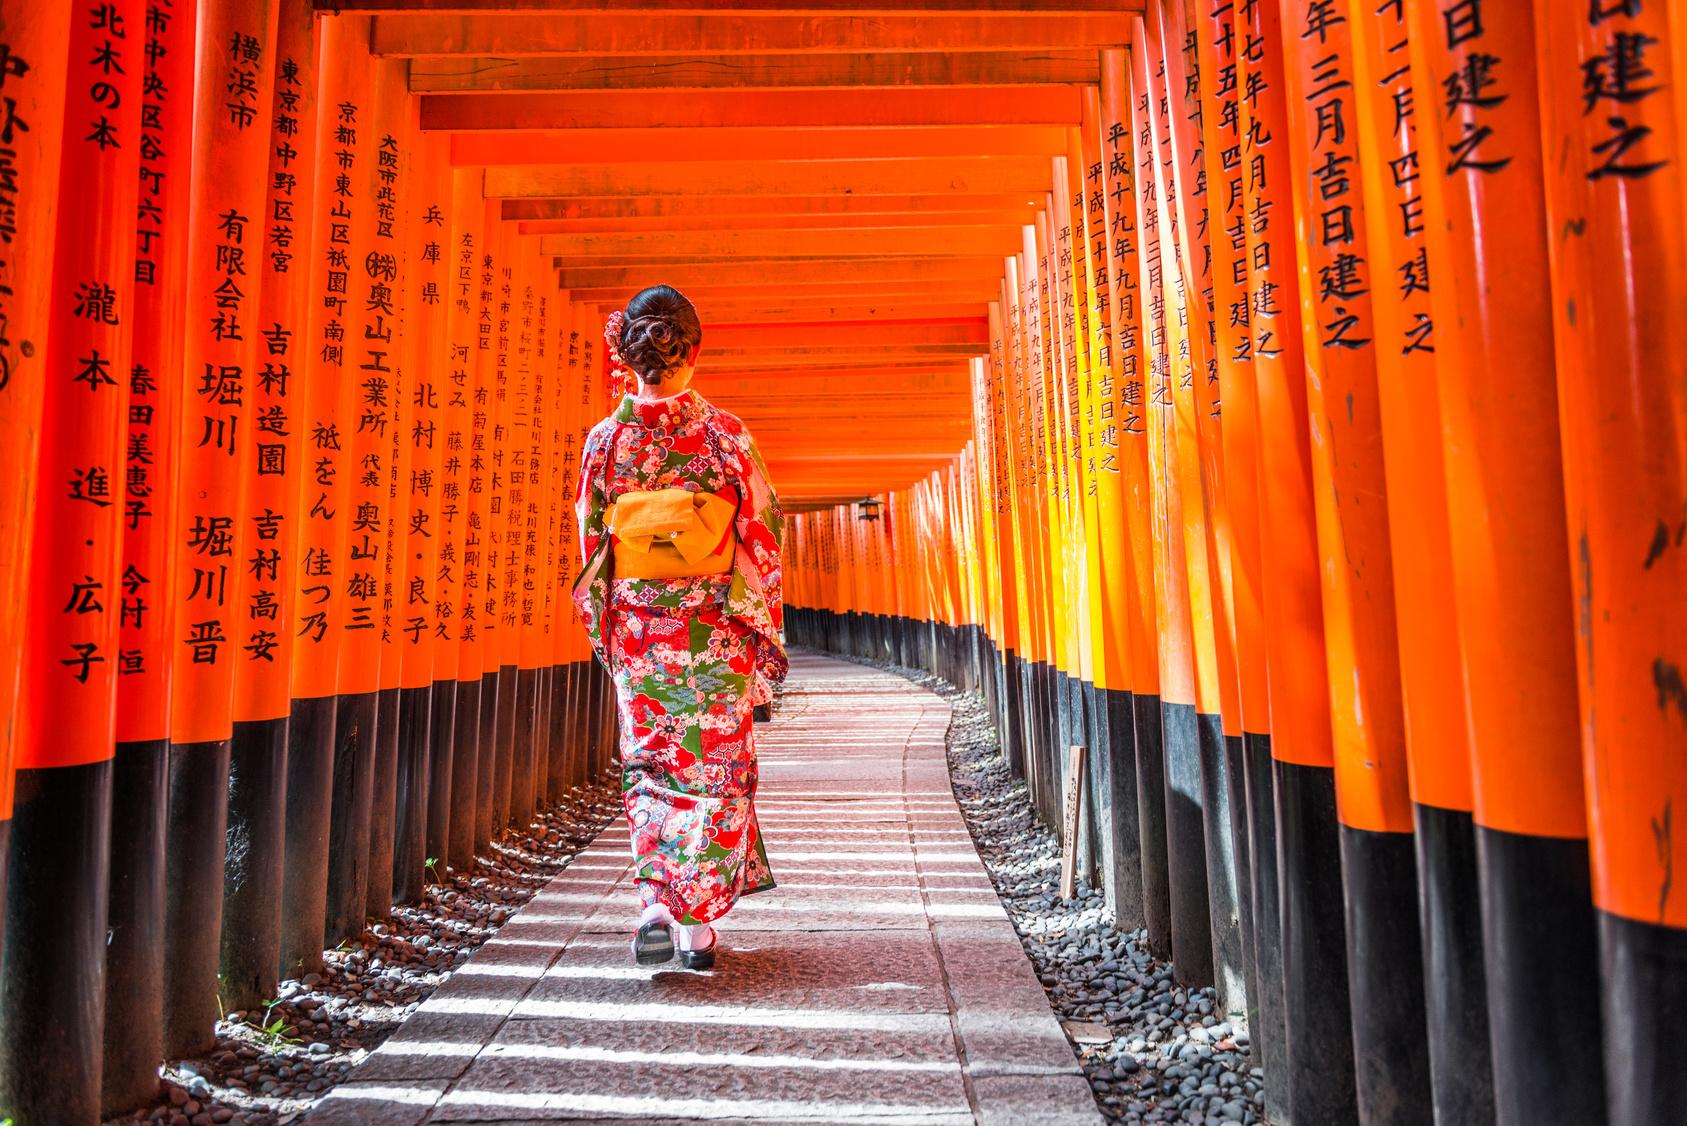 【日本】關西豪華五日遊,獨家帶您前往大阪、京都頂級飯店,深度文化旅遊!